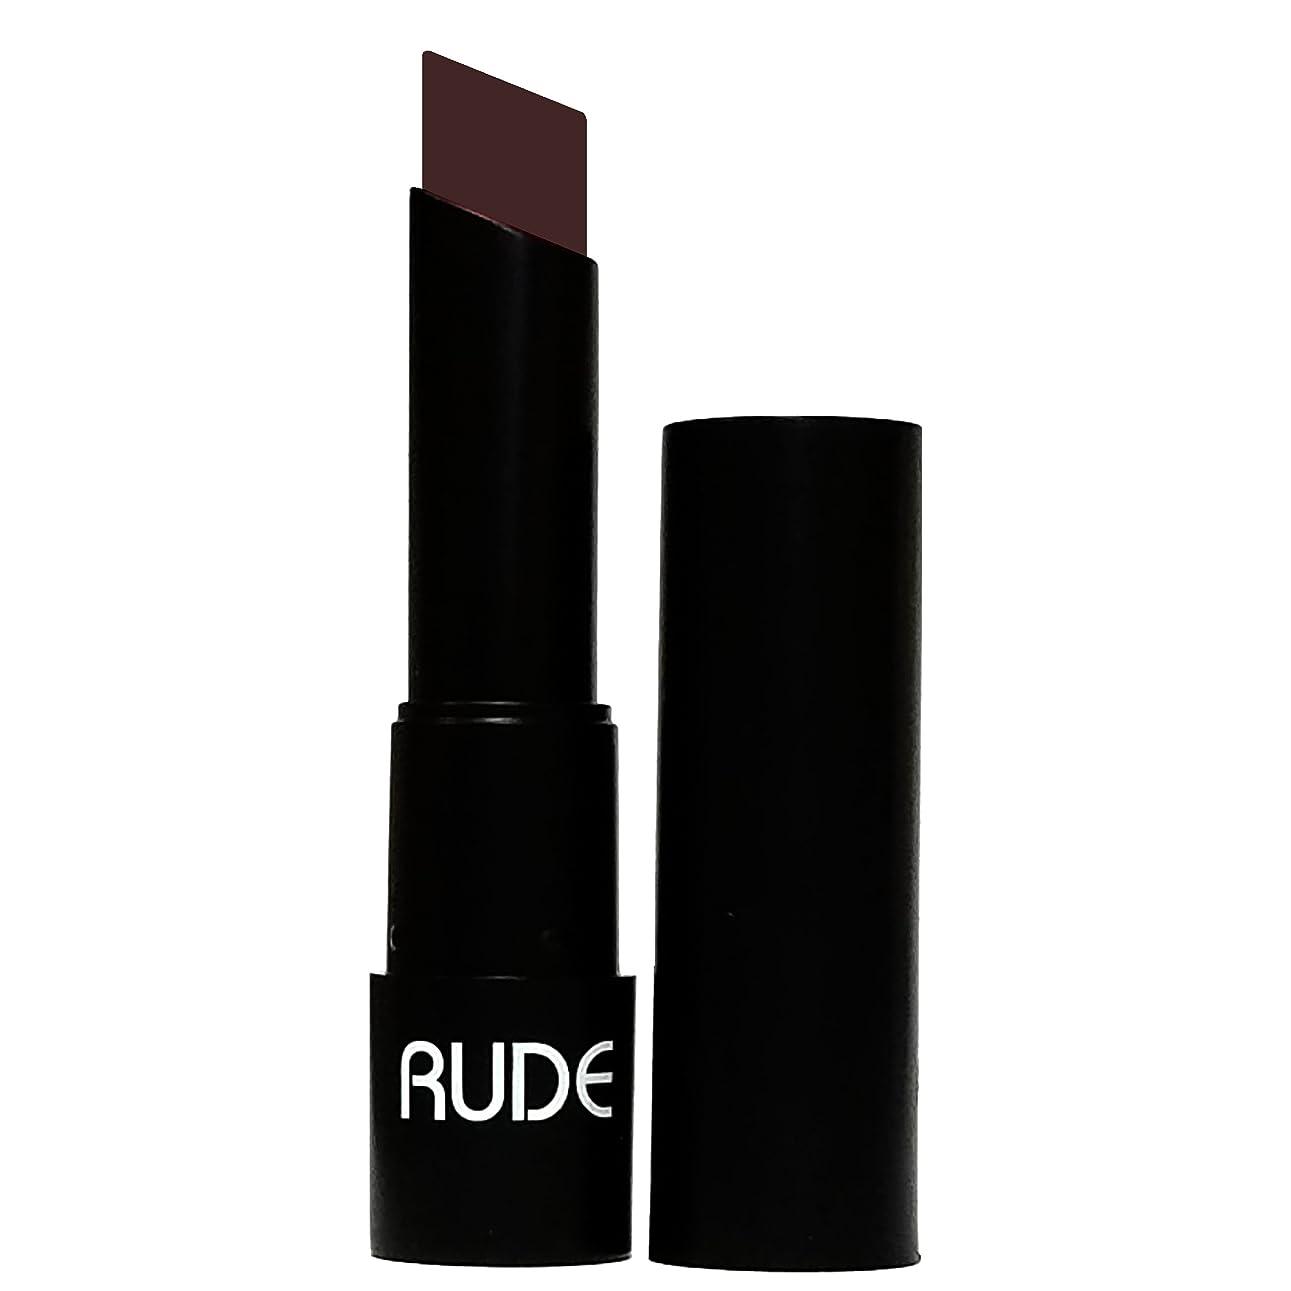 ギャラントリーカラス運動する(3 Pack) RUDE Attitude Matte Lipstick - Insolent (並行輸入品)